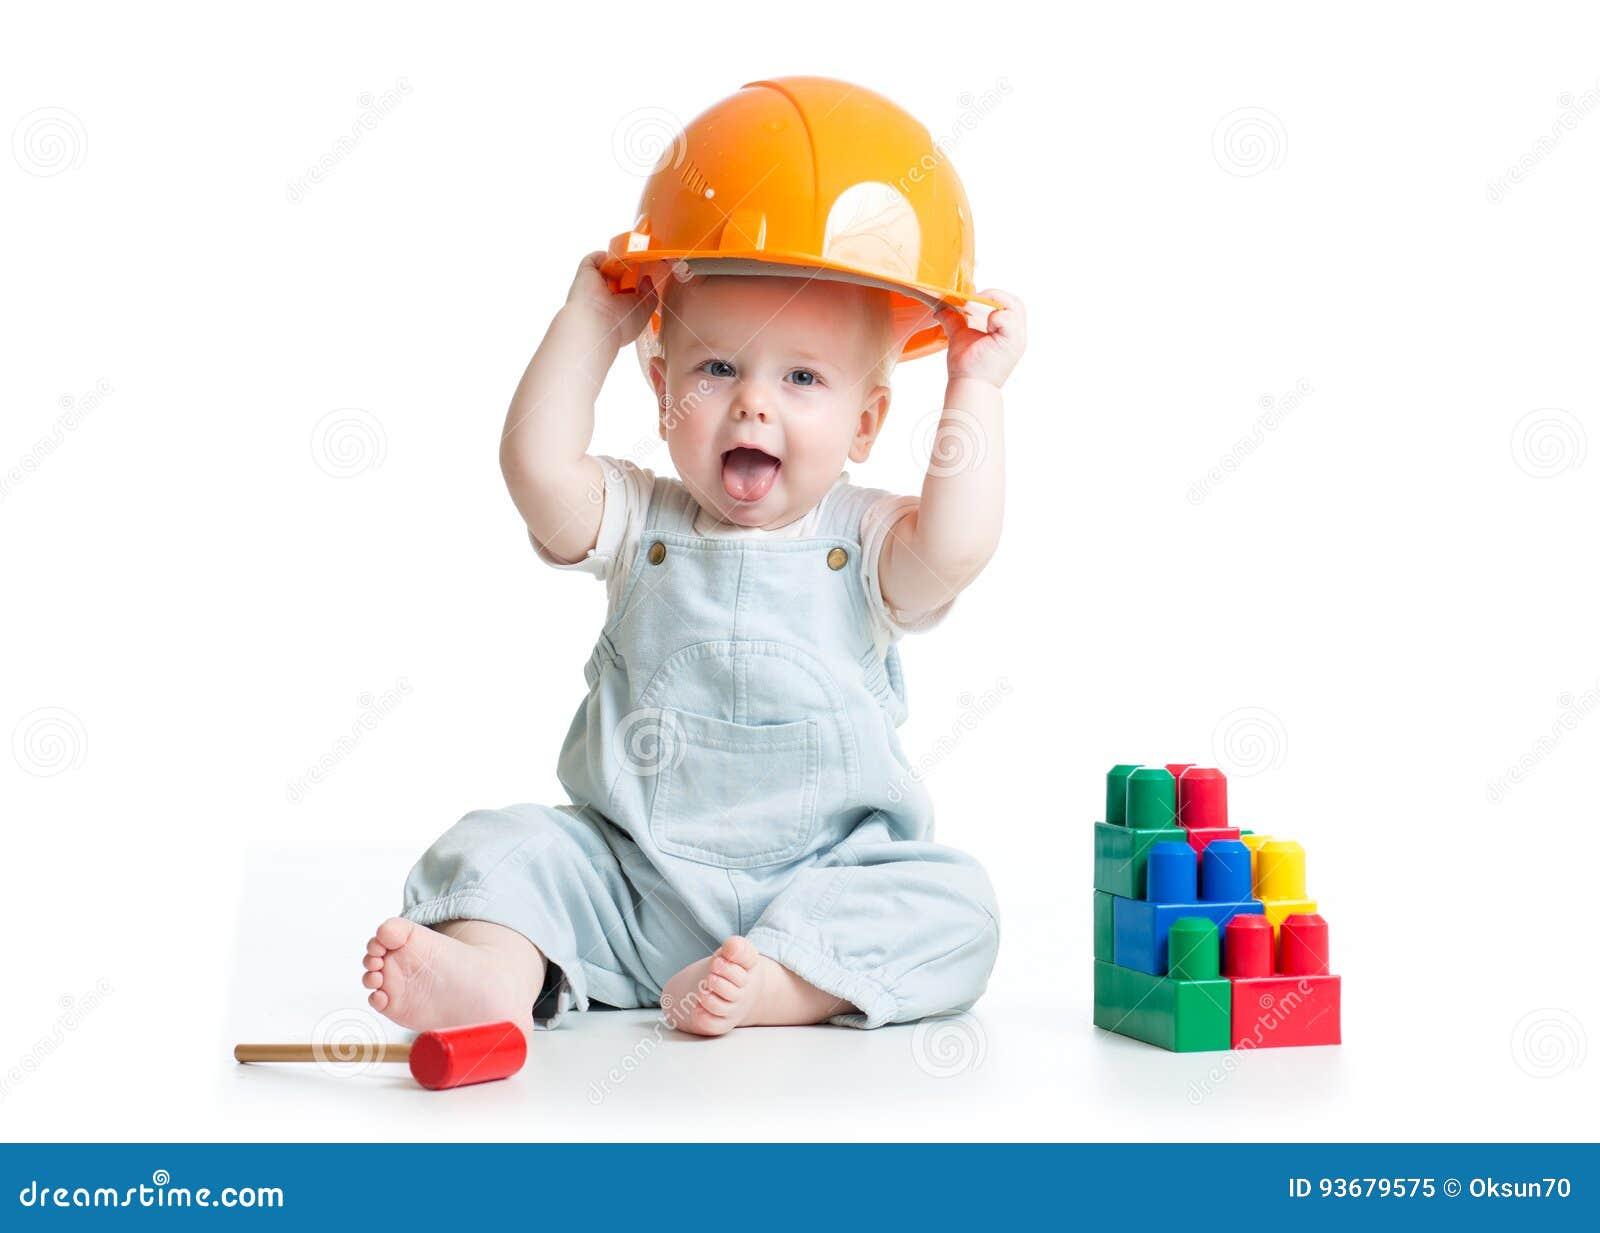 Dziecko w hardhat bawić się zabawki odizolowywać na białym tle